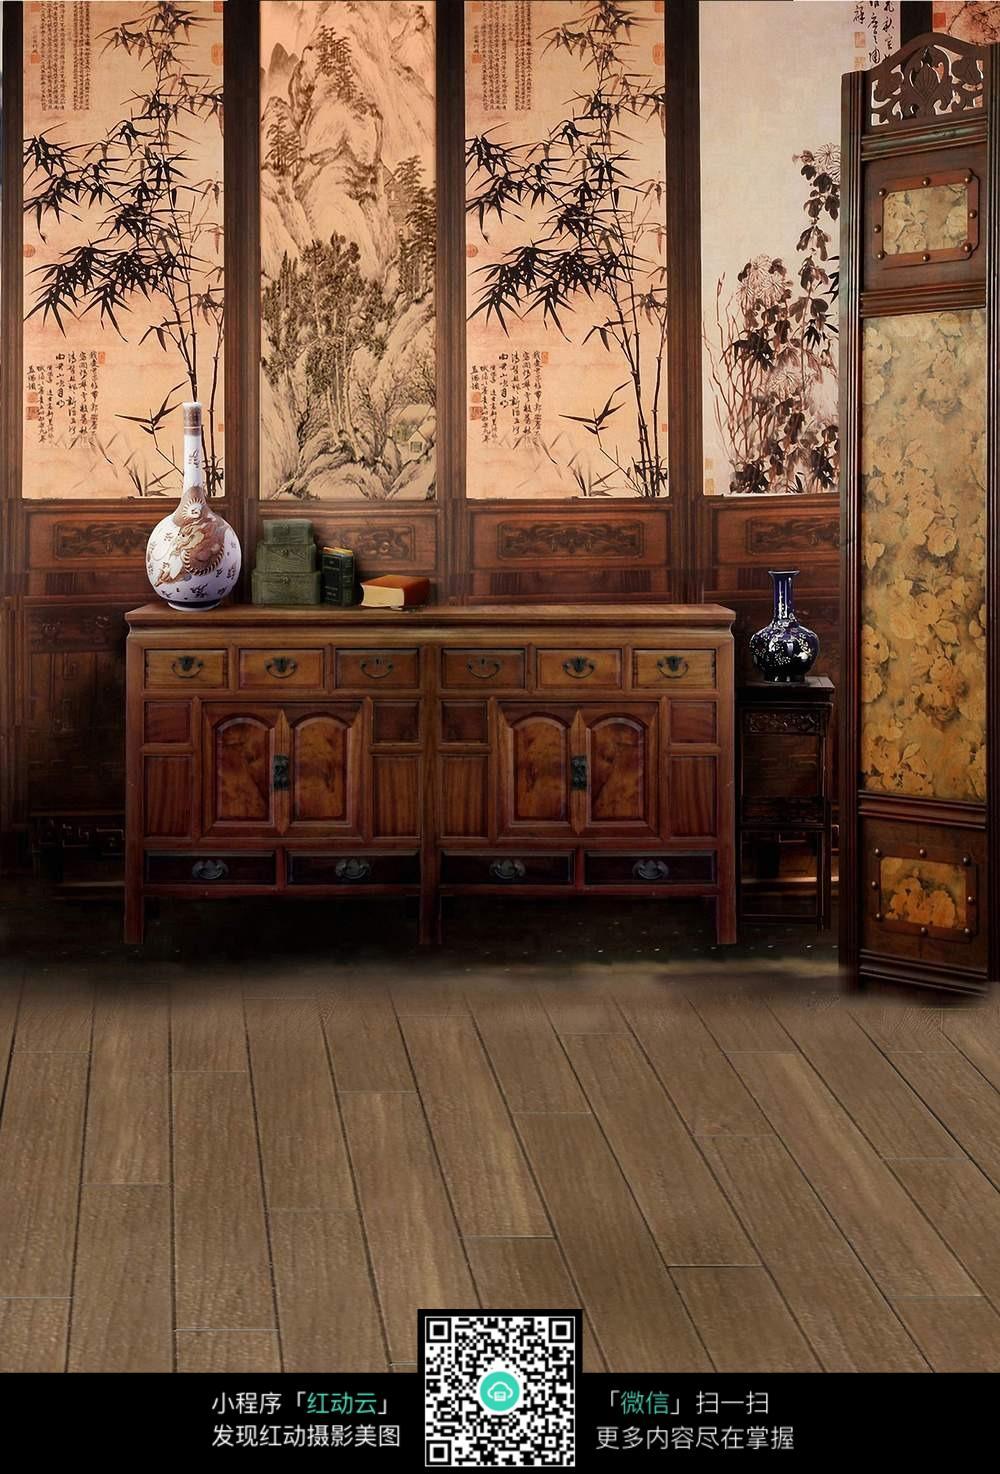 中国古风建筑设计图